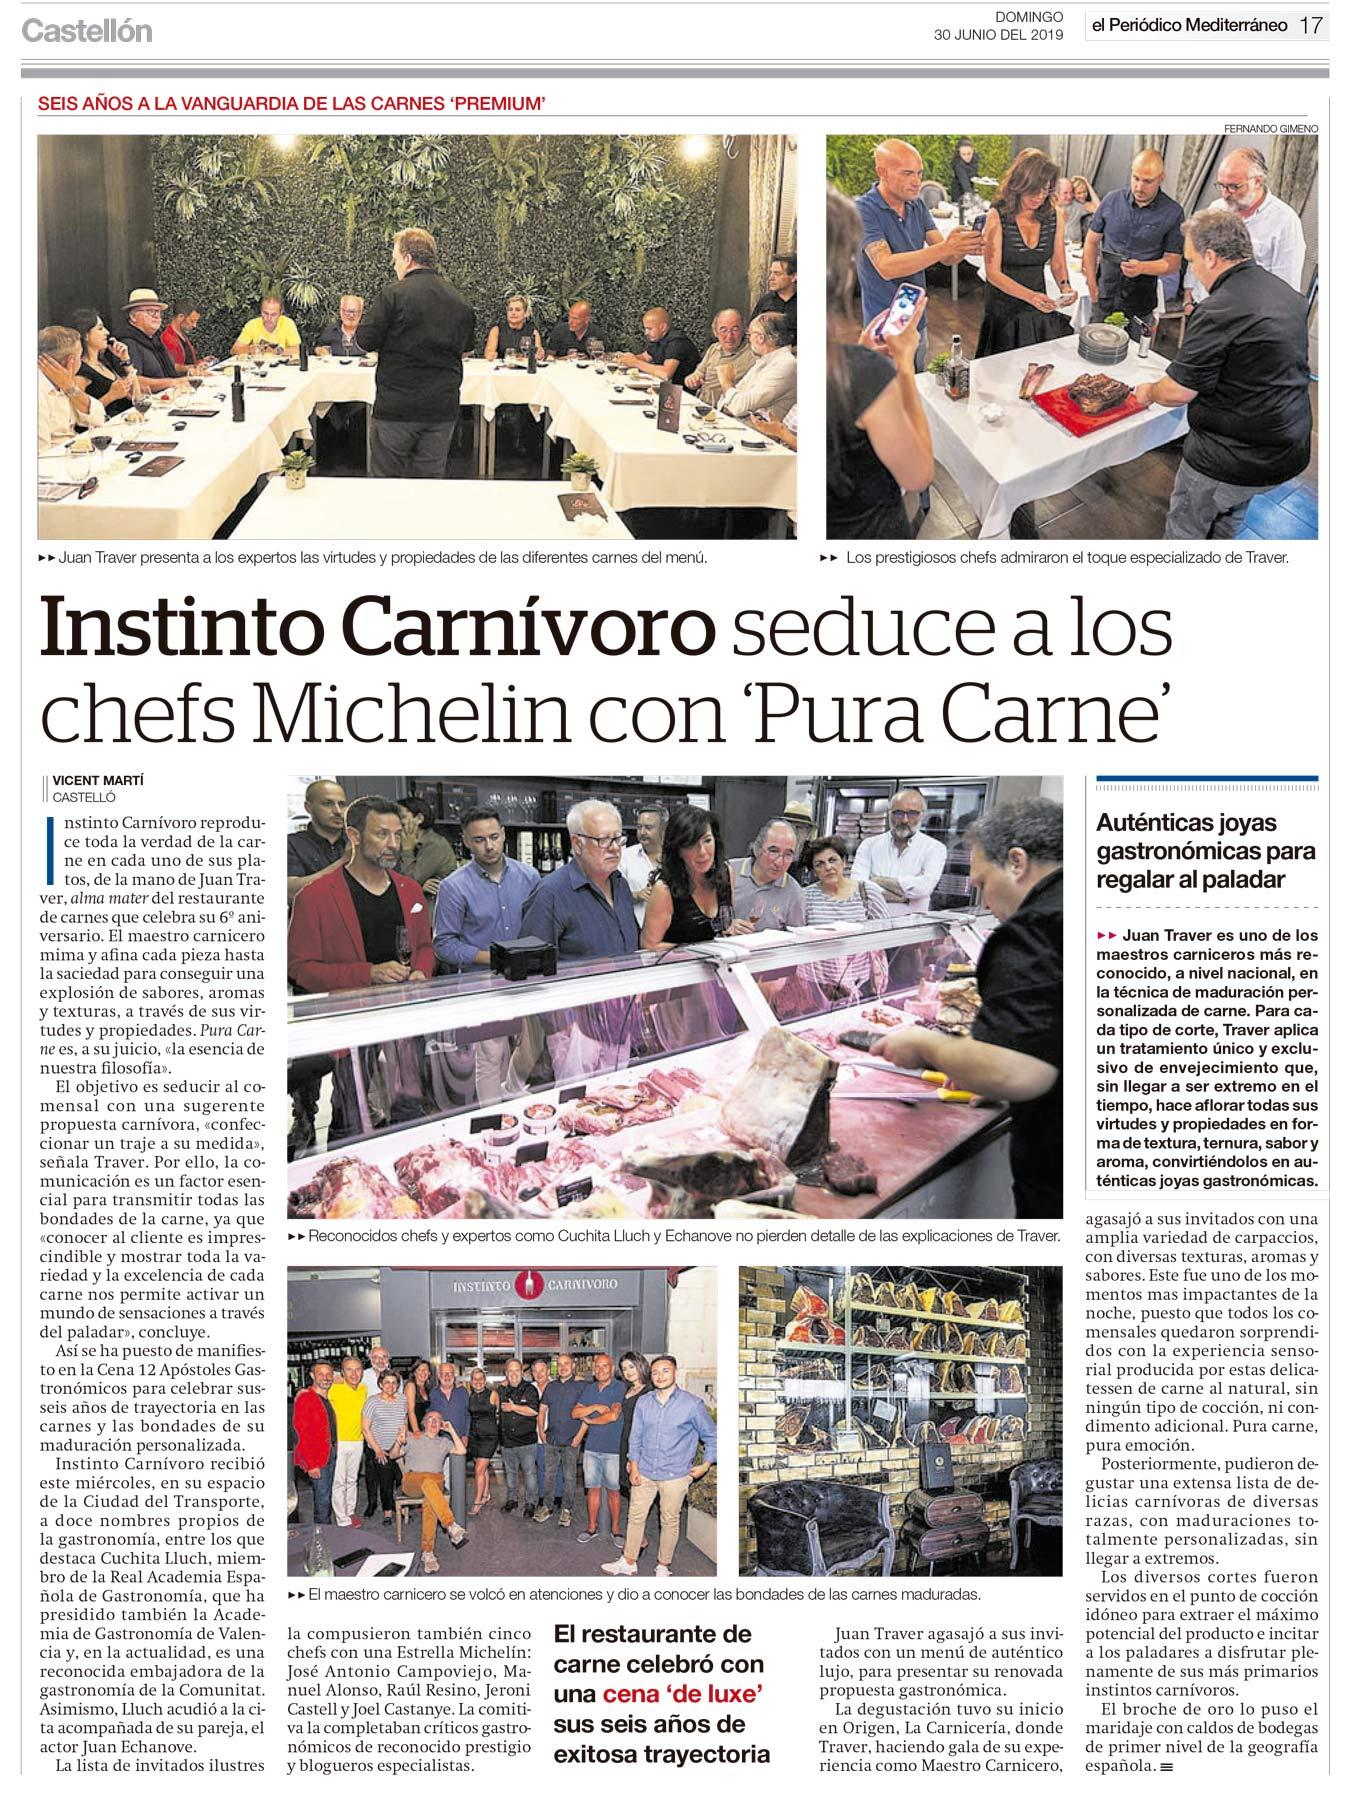 Noticias en el Periódico Mediterráneo sobre el evento gastronómico celebrado el pasado 26 de Junio